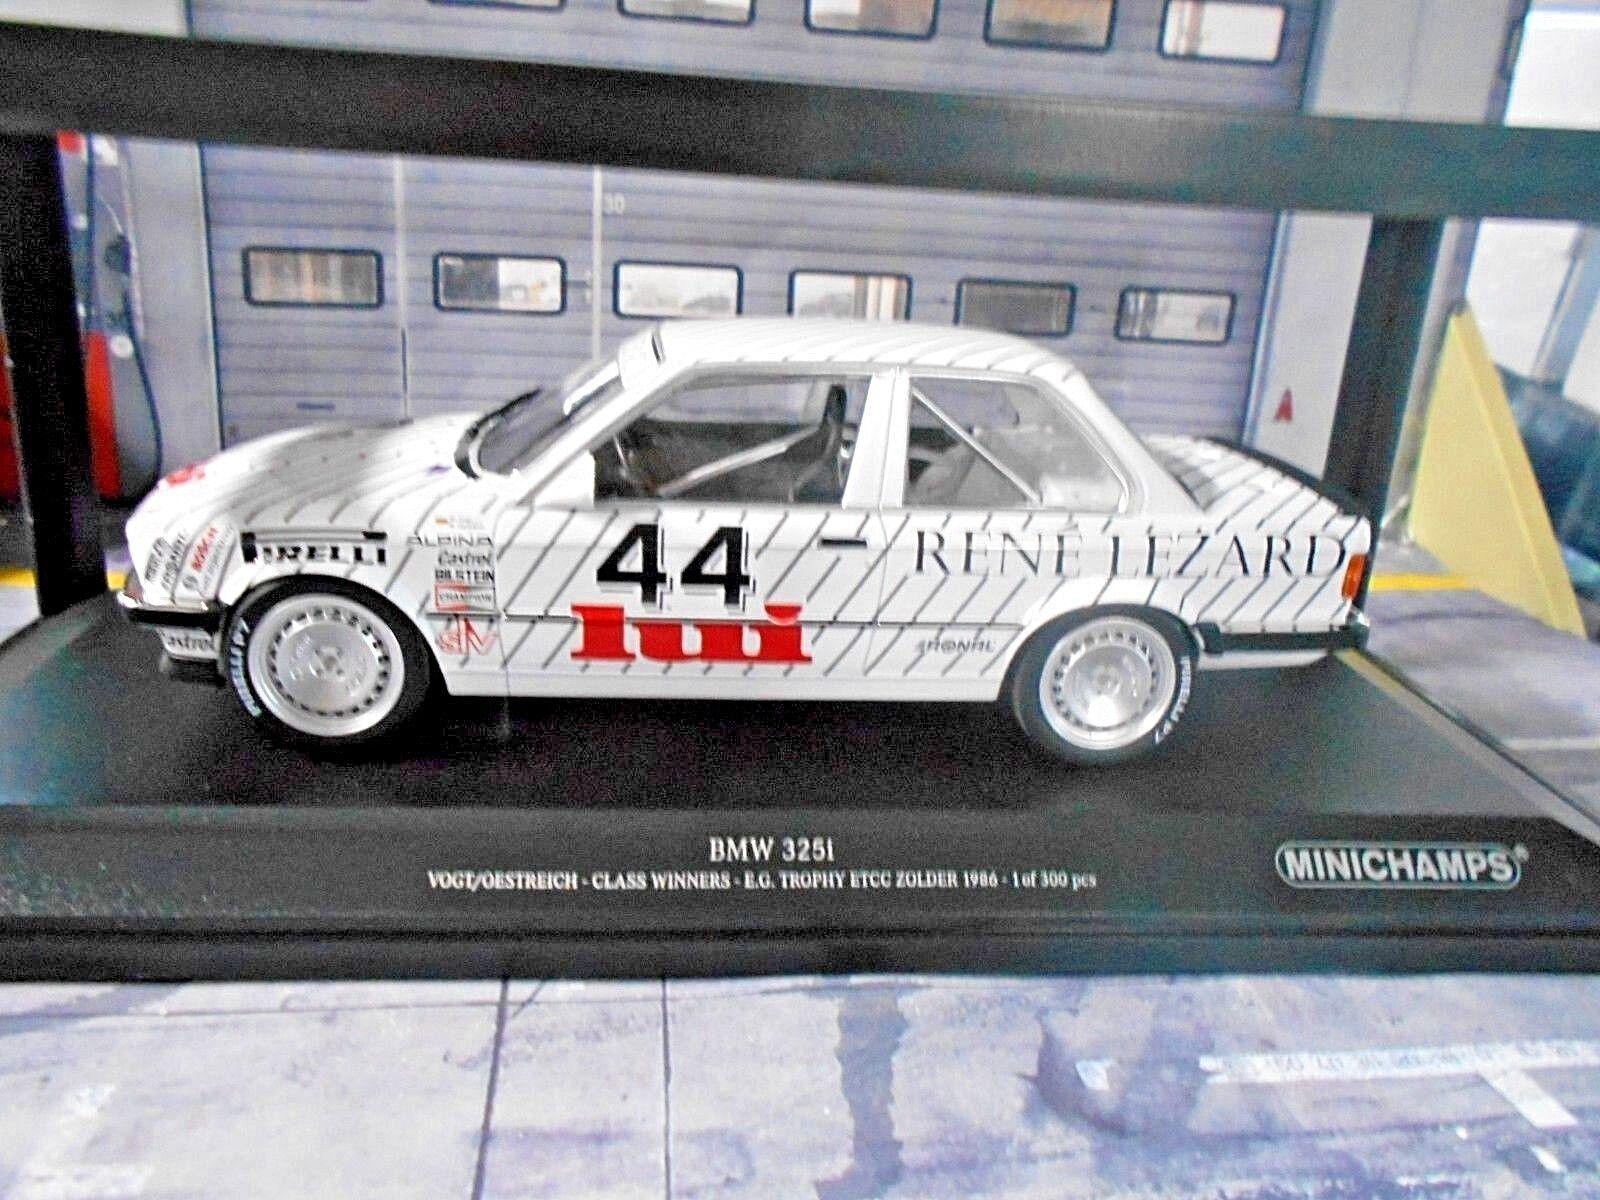 BMW 325i 3er e30 DTM ETCC Zolder 1986 spécifiant  44 Vogt ostreich Leza MINICHAMPS 1 18